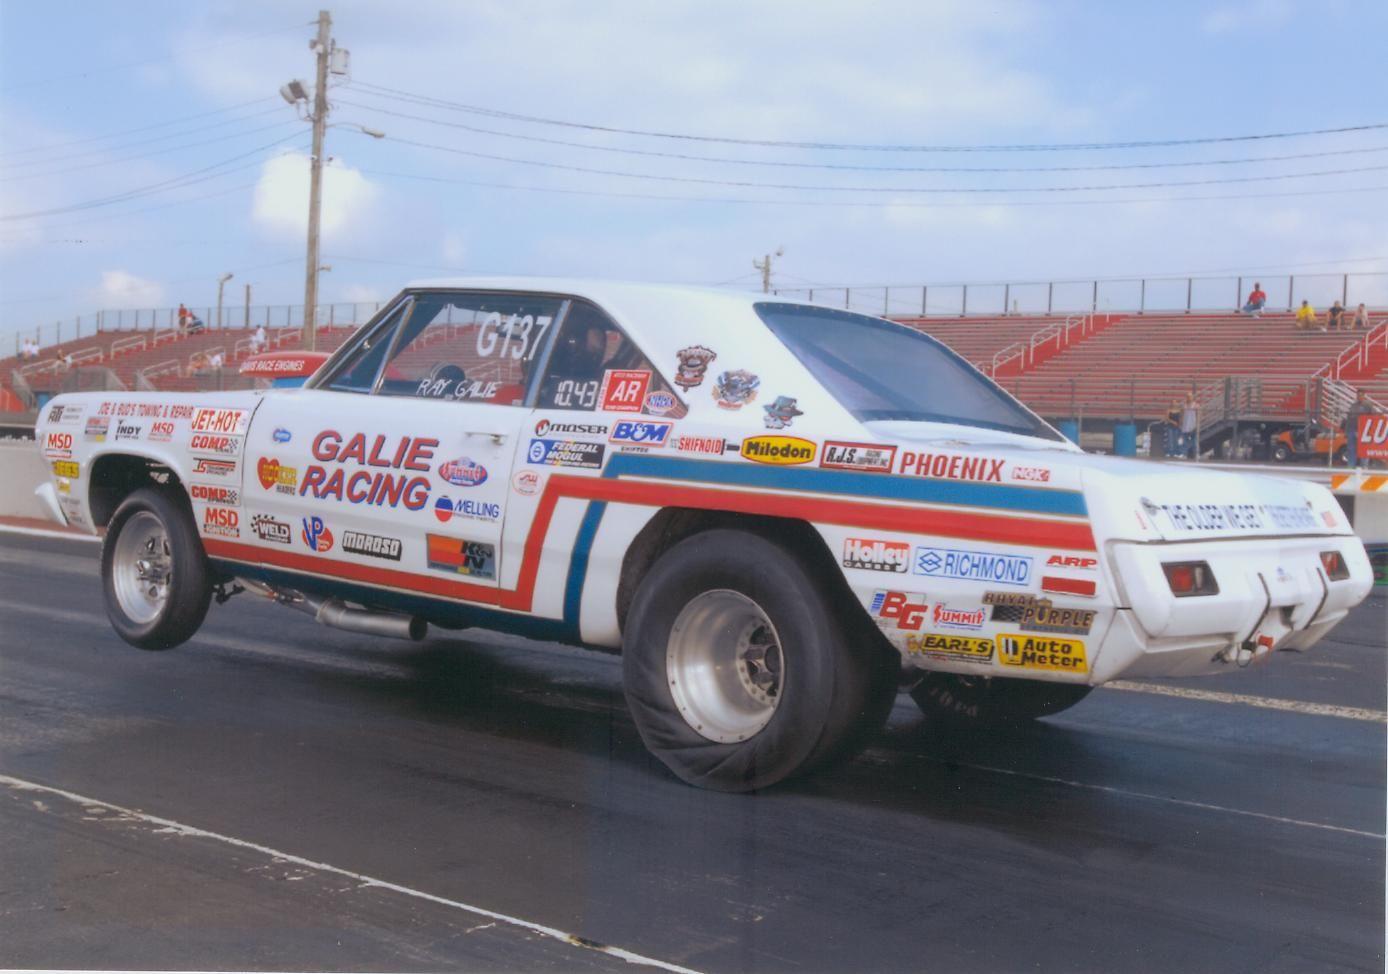 Drag race car paint schemes - Drag Race Car Paint Schemes 51